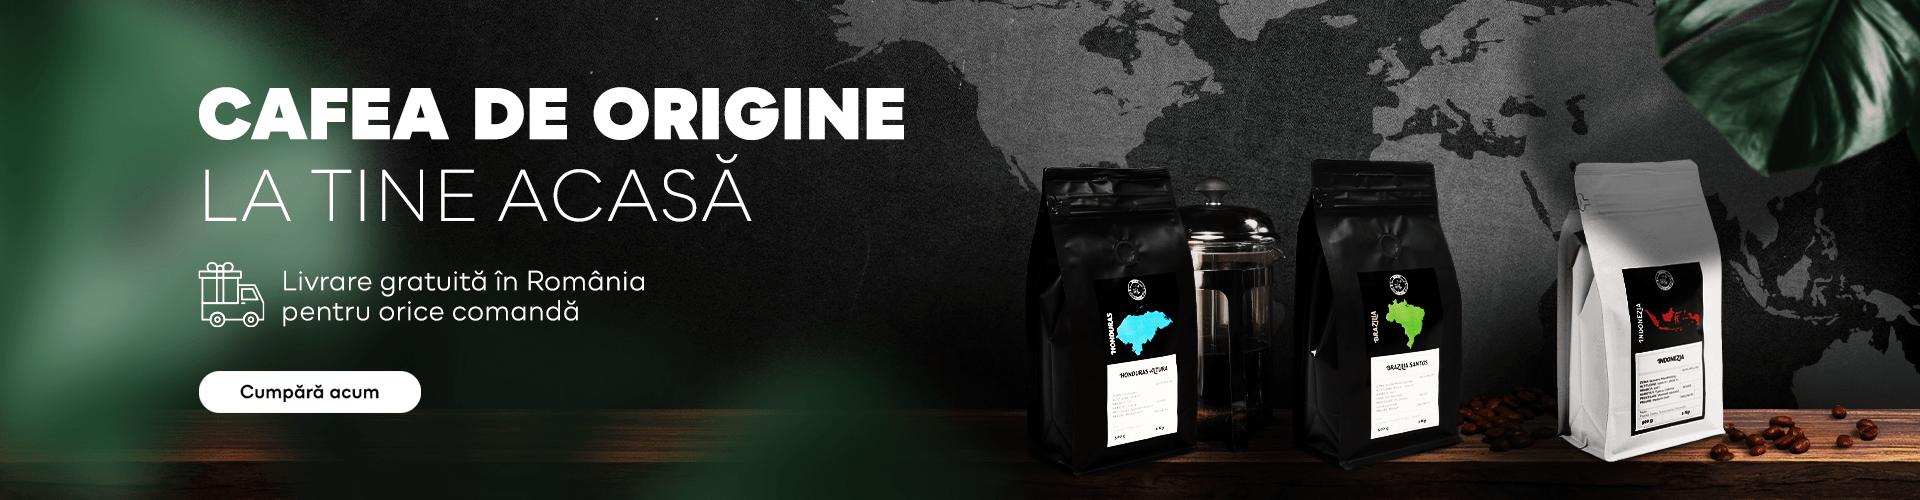 Cafea De Origine La Tine Acasa